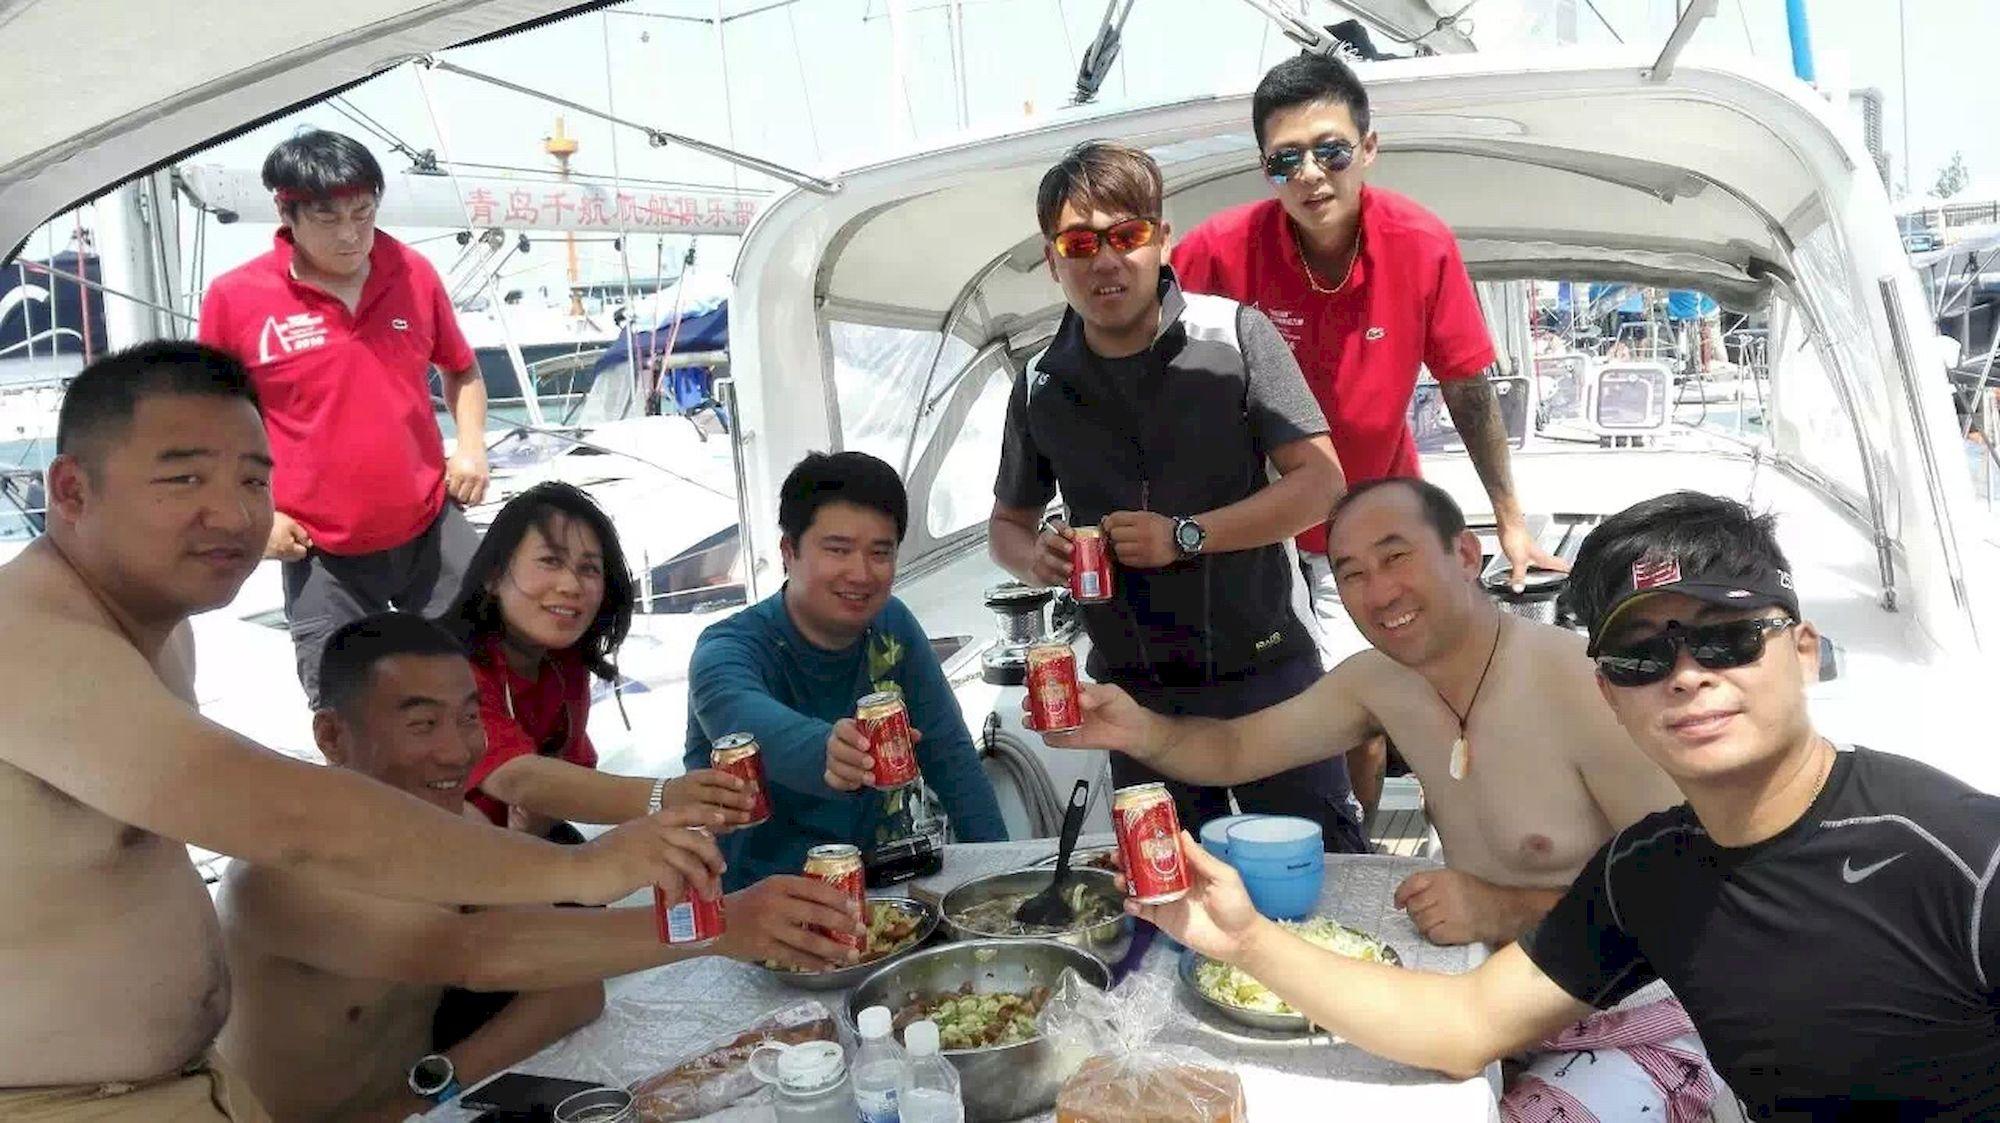 028-IMG_3335_千帆俱乐部我要航海网帆船队-2016威海-仁川国际帆船赛.JPG